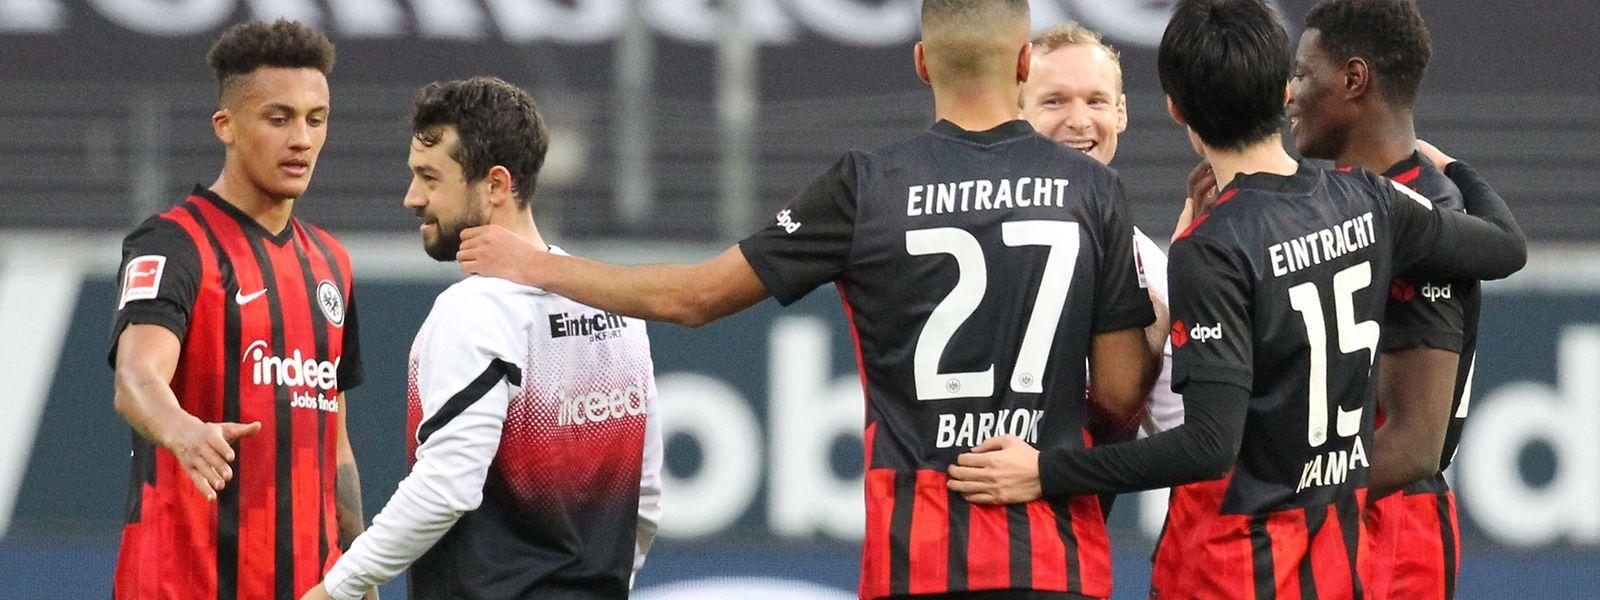 Zufriedene Gesichter bei den Frankfurter Spielern nach dem Sieg gegen den FC Bayern.